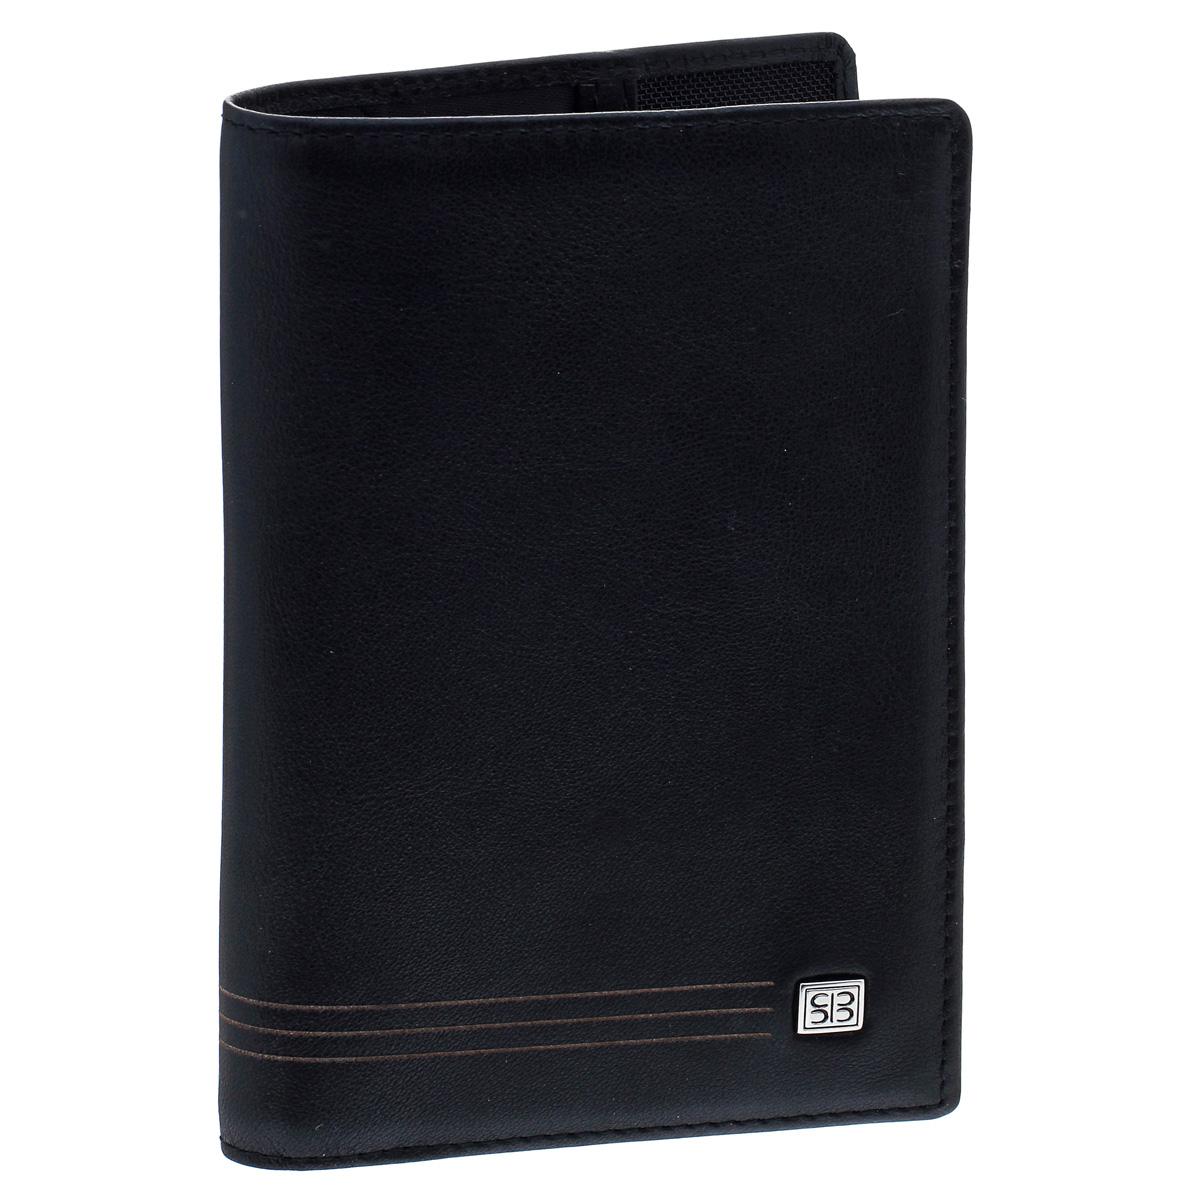 Обложка для паспорта Sergio Belotti, цвет: черный. 2464 west2464 westИзысканная обложка для паспорта Sergio Belotti выполнена из натуральной высококачественной кожи. На лицевой стороне изделие оформлено металлической пластиной с гравировкой в виде логотипа бренда, на внутренней стороне - тисненым названием бренда. Внутри расположены карман-уголок с кармашком для кредитной карты и кармашком для sim-карты и один карман с окошком из прозрачного пластика). Изделие упаковано в фирменную коробку. Модная обложка для паспорта не только поможет сохранить внешний вид вашего документа и защитить его от повреждений, но и станет стильным аксессуаром, который прекрасно дополнит ваш образ.